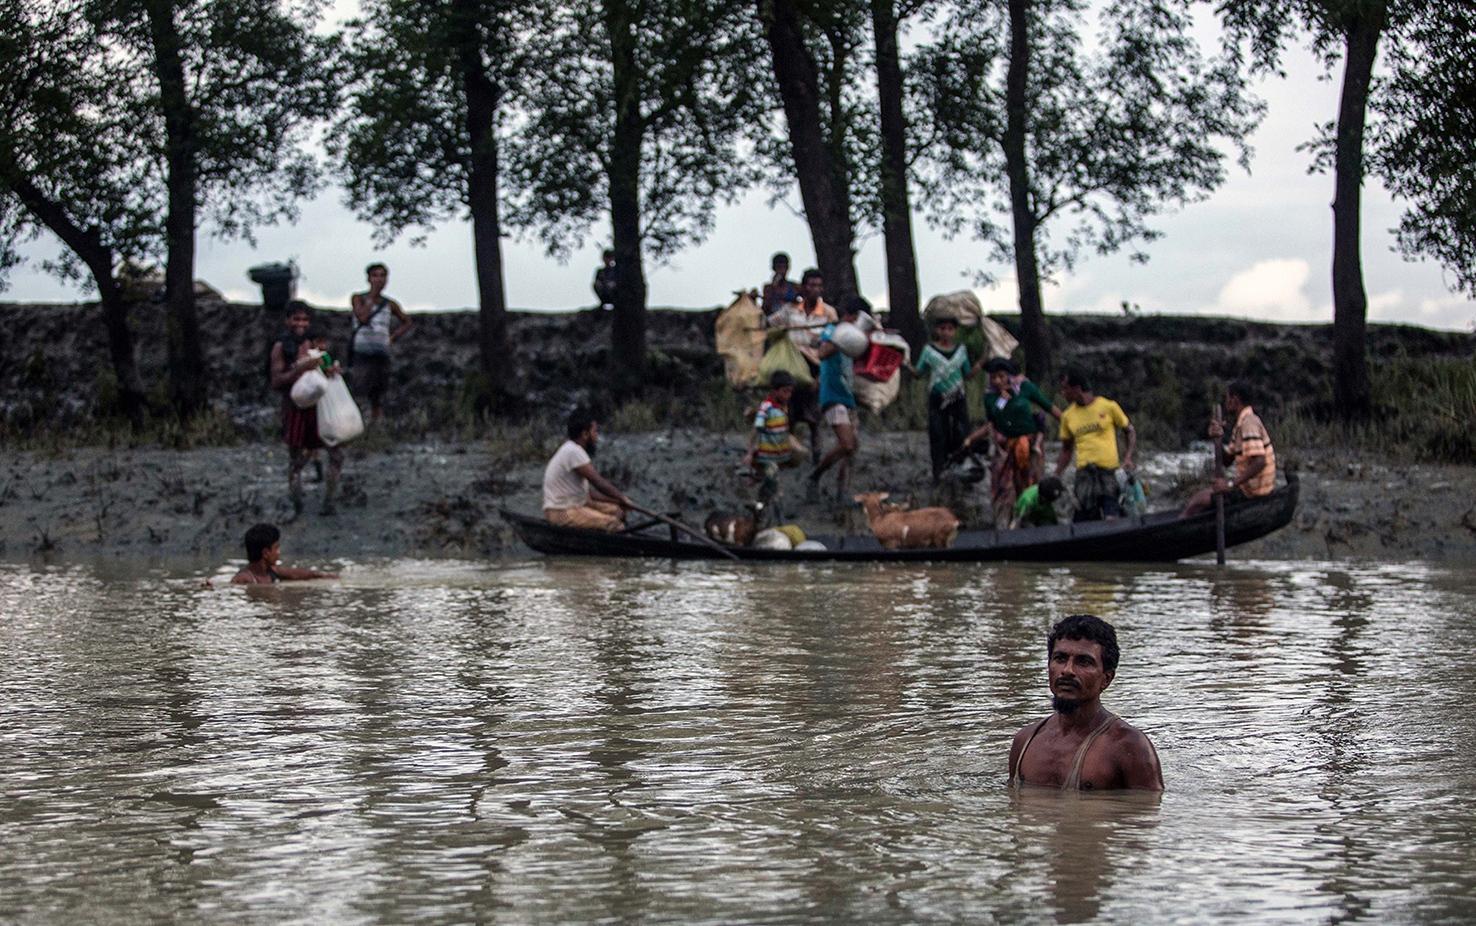 Cox's Bazar, Bangladesh. 2017